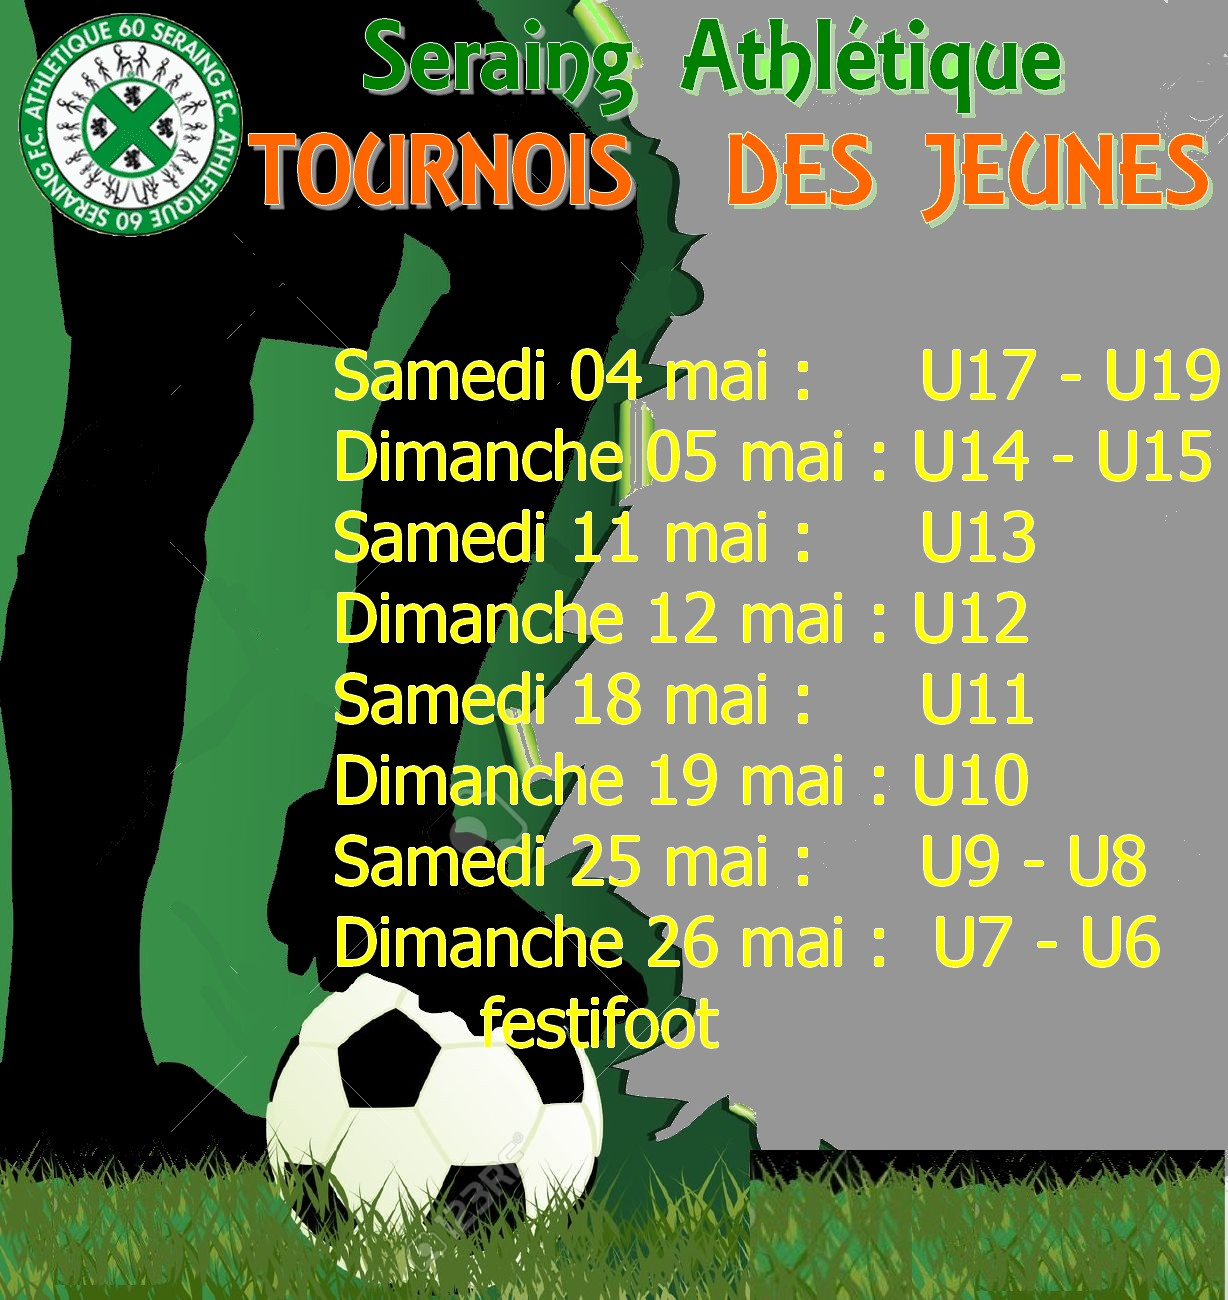 Affiche Tournois Des Jeunes 2019